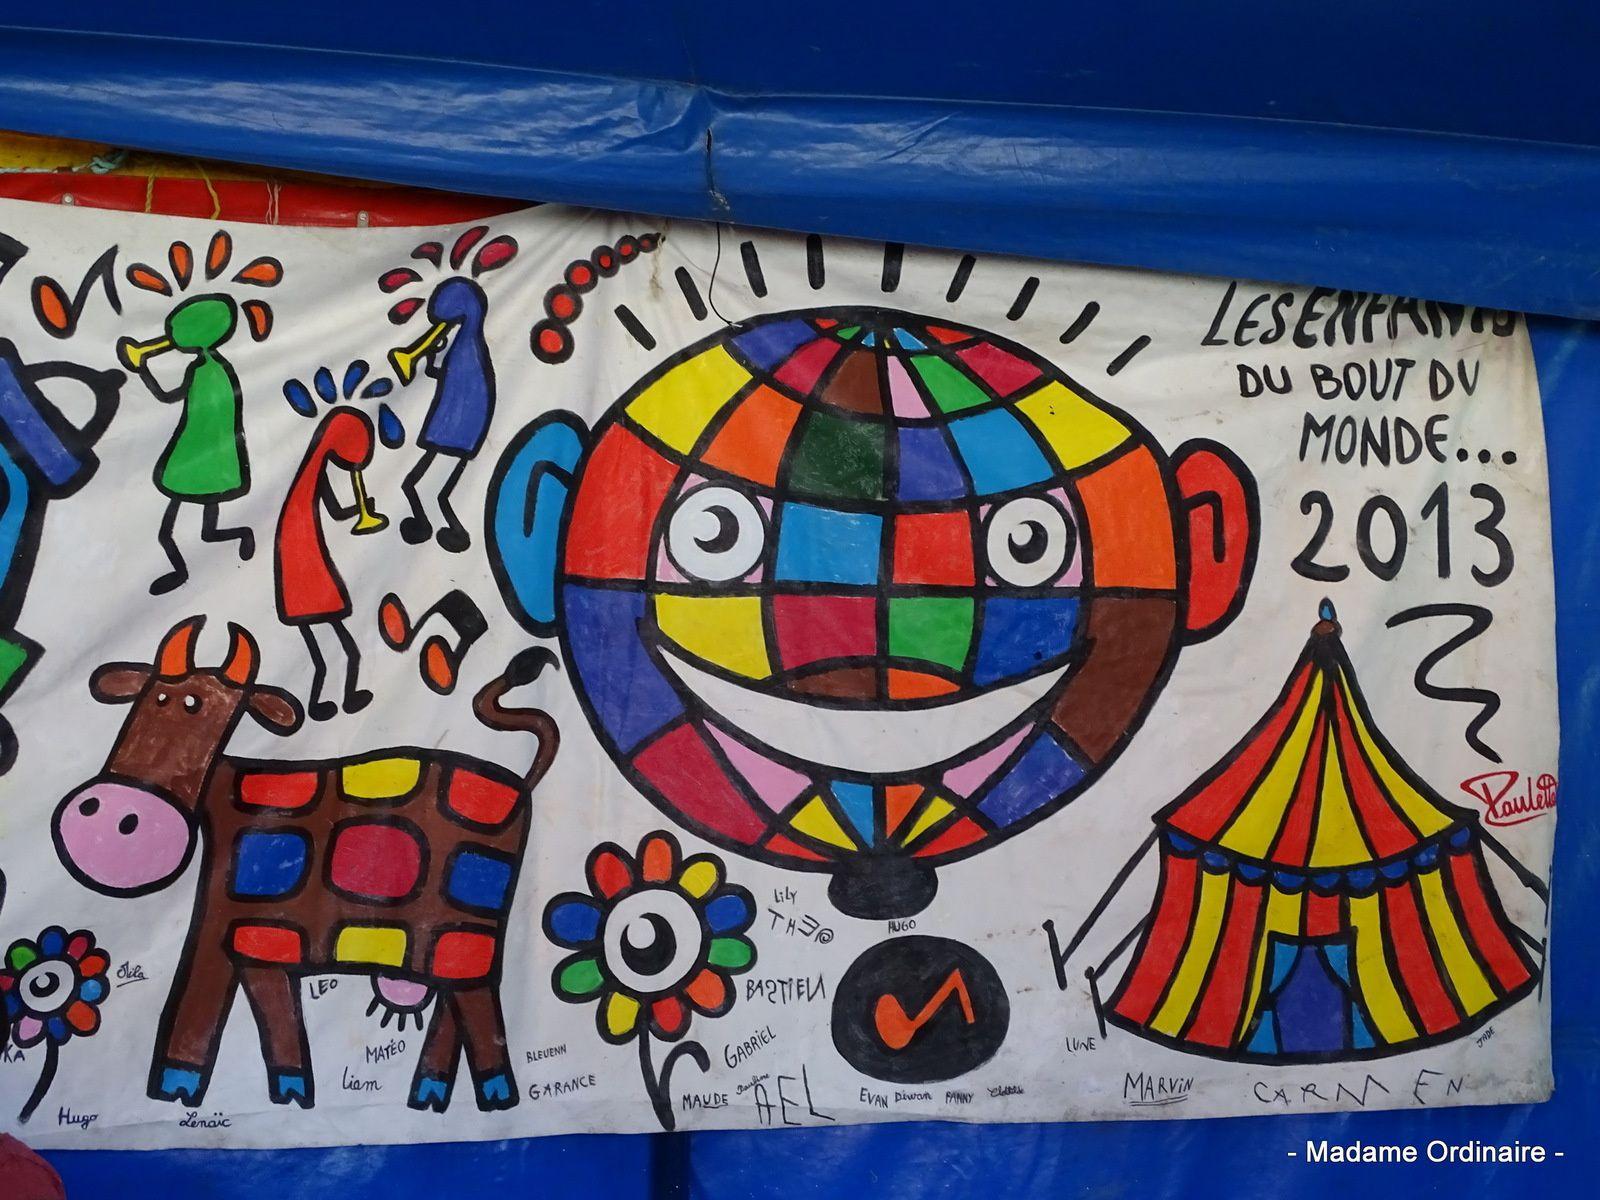 Le 18ème Festival du Bout du Monde